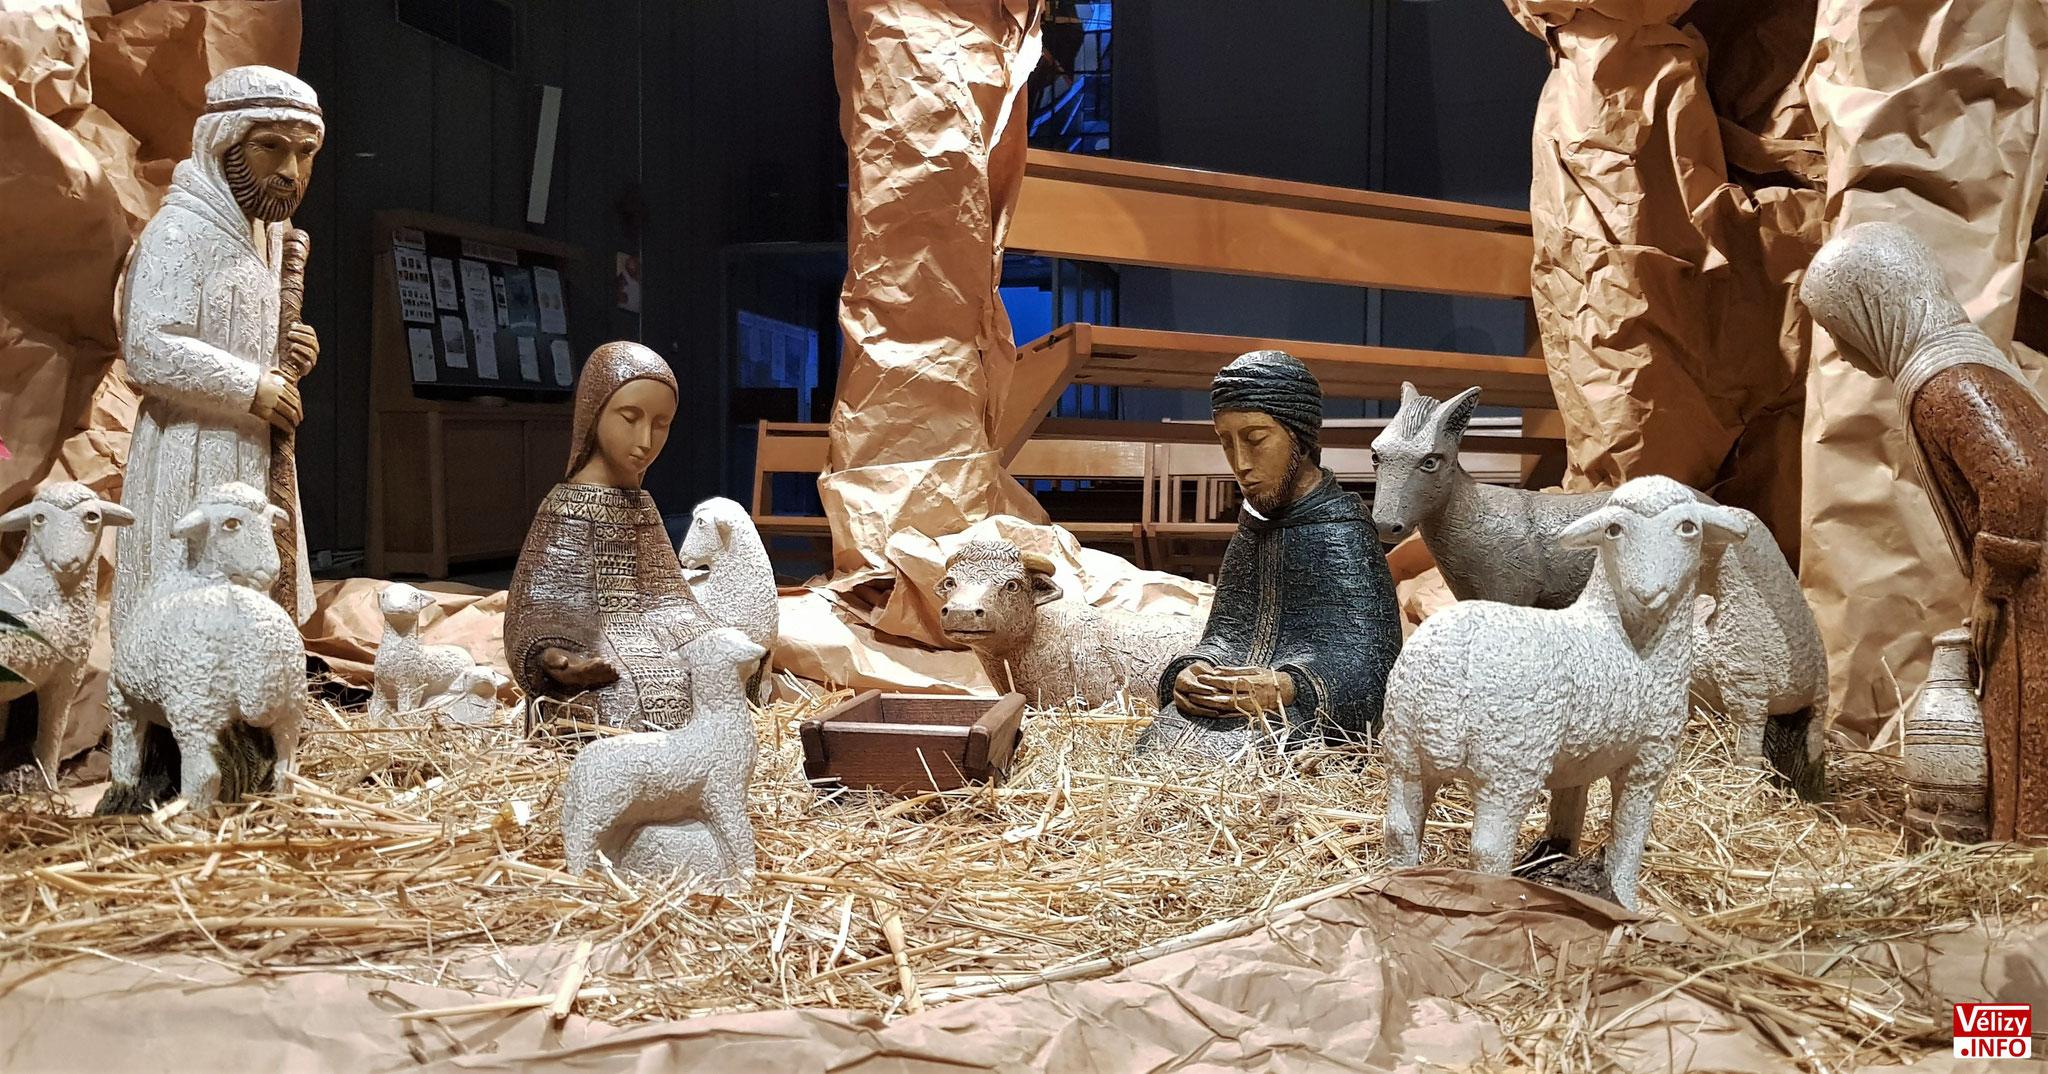 Crèche de l'église Saint Jean Baptiste (2019) – Vélizy-Villacoublay - © Vélizy Info